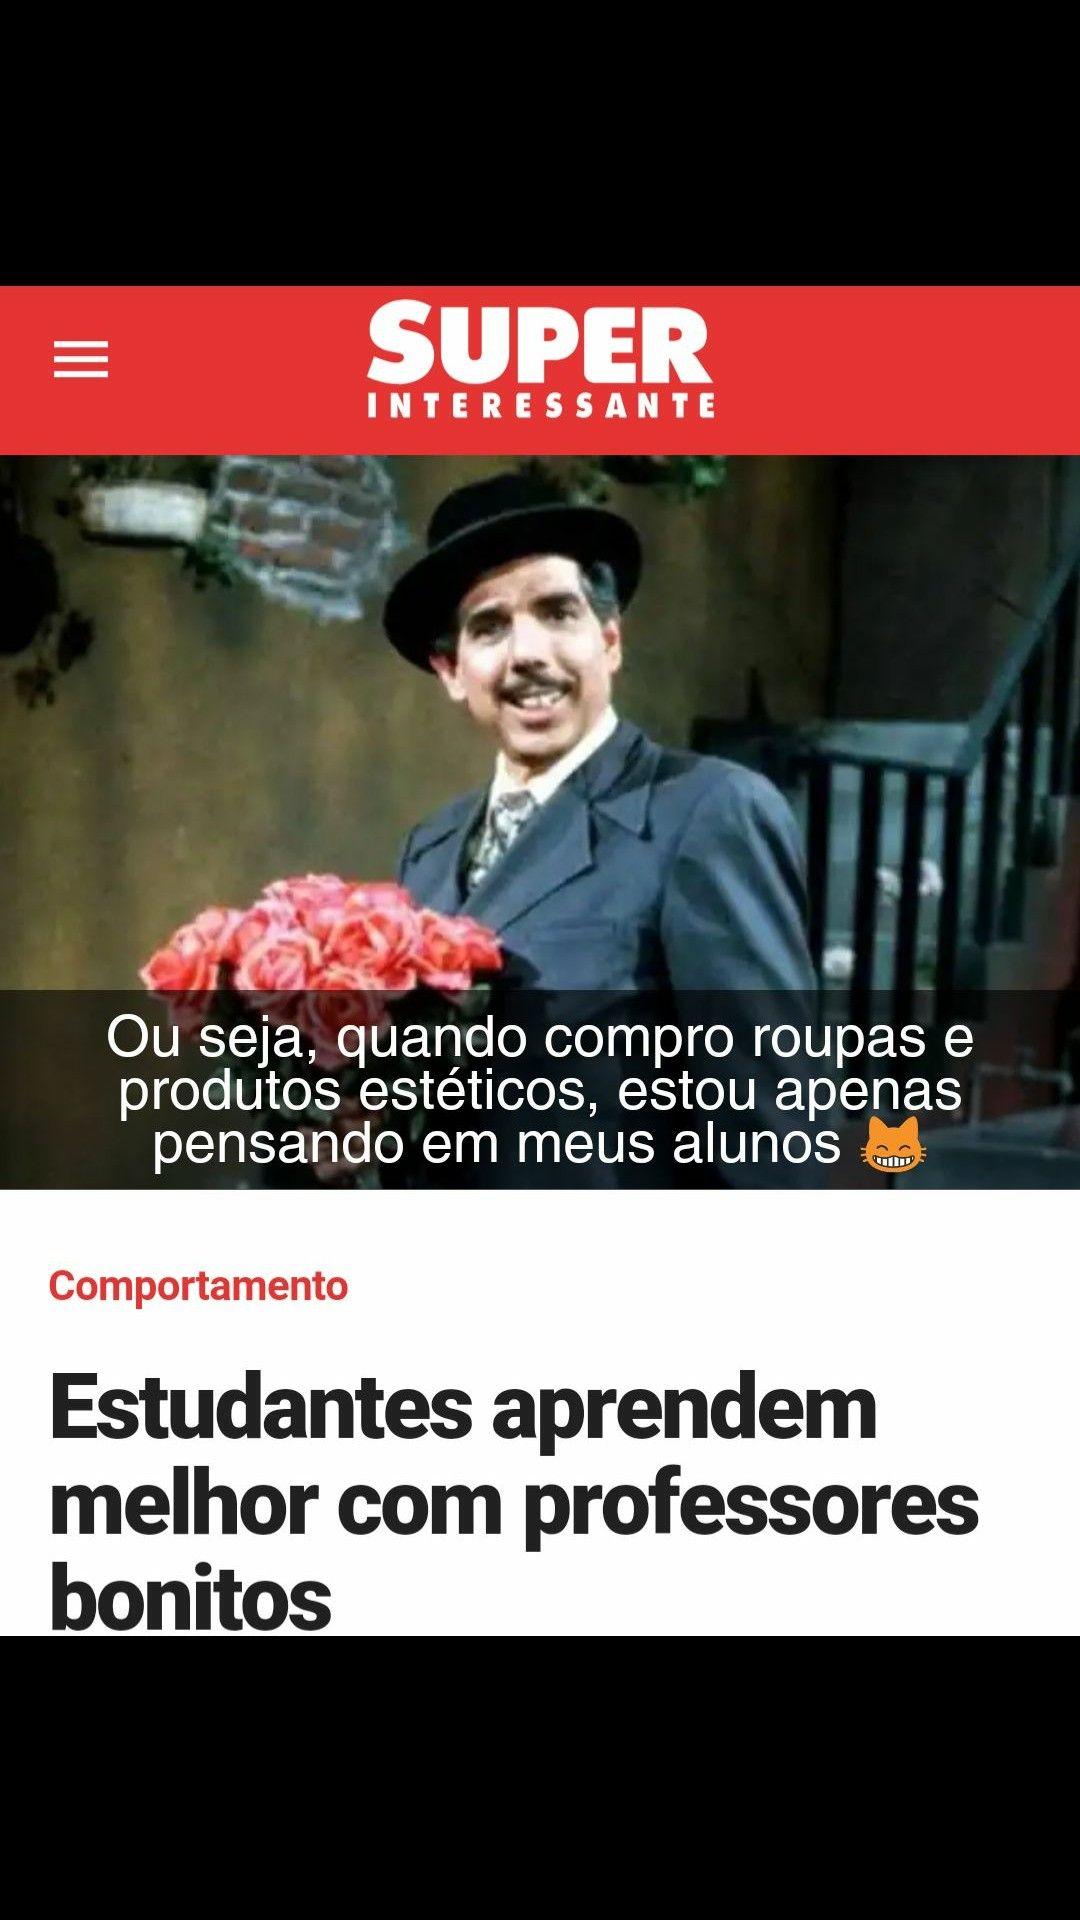 Pin By Fe De Castro On Ideias